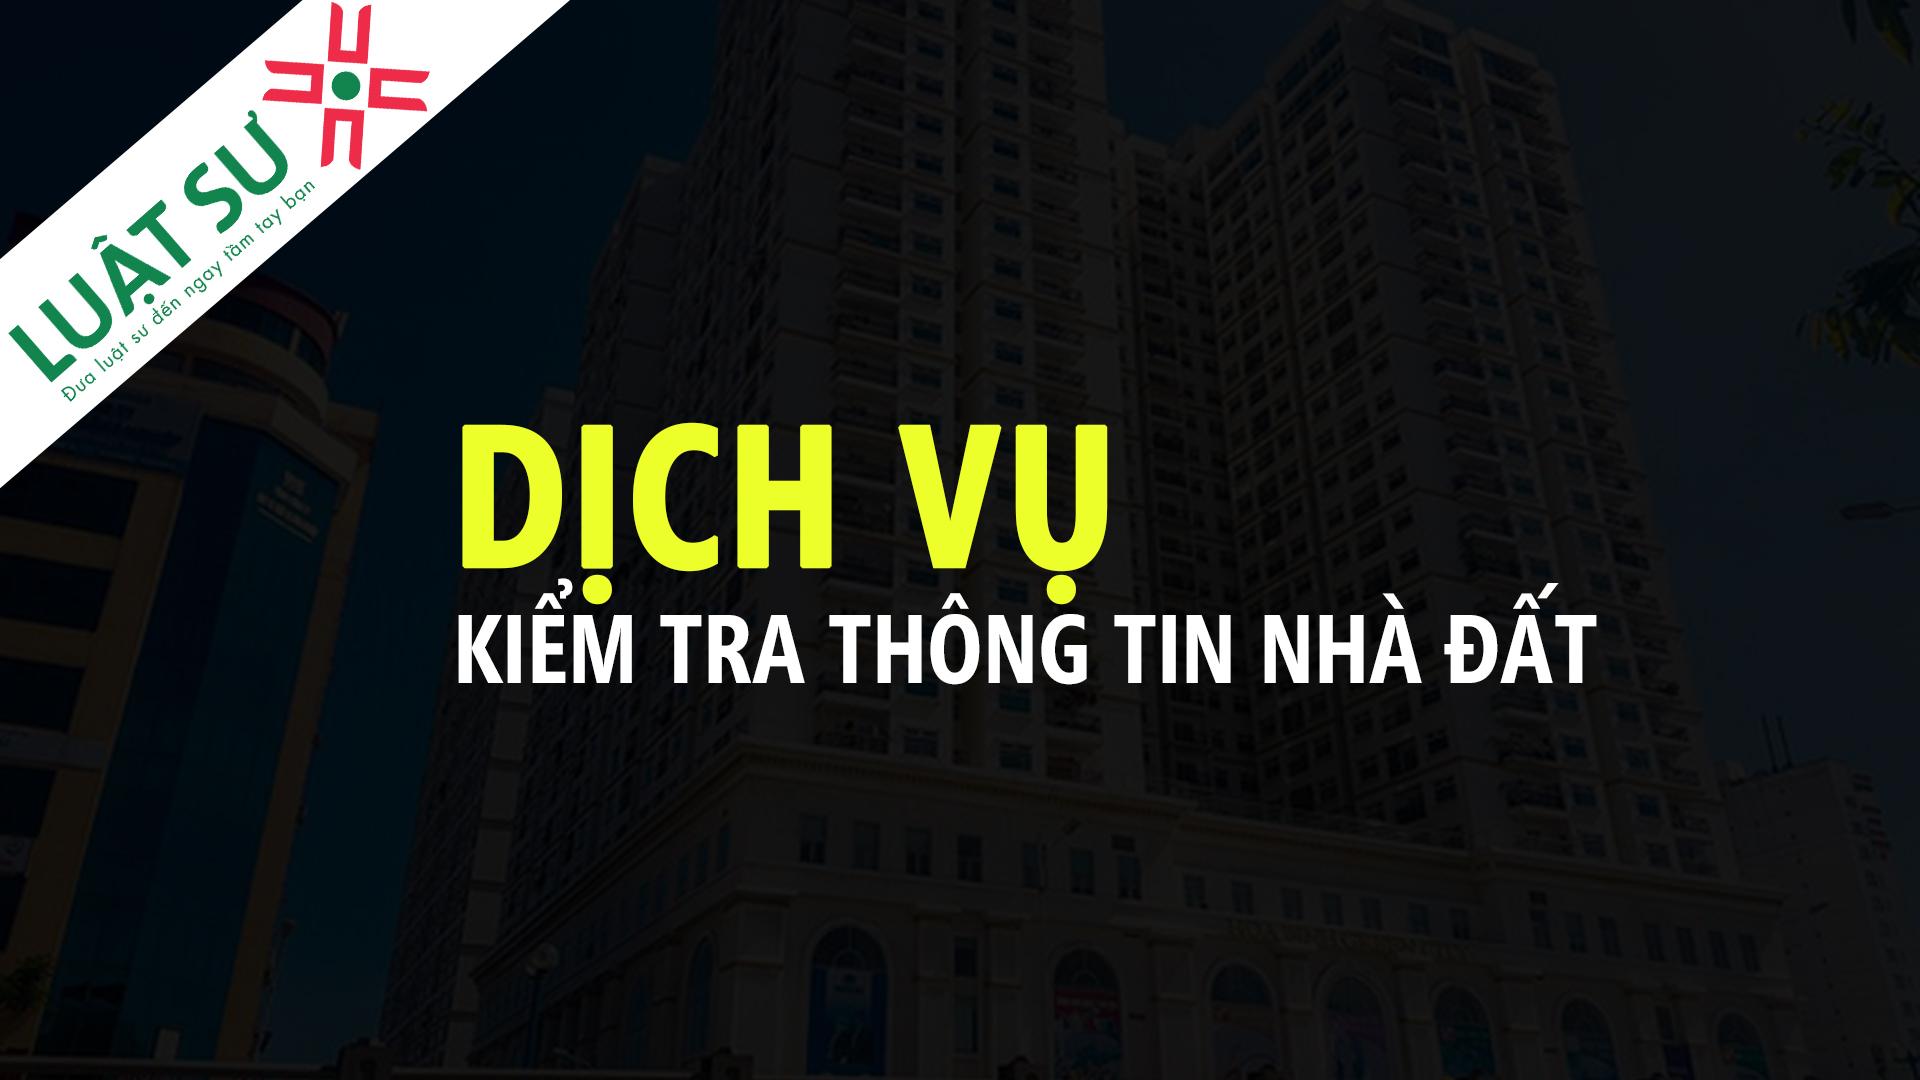 Dịch vụ kiểm tra thông tin nhà đất tại Hà Nội